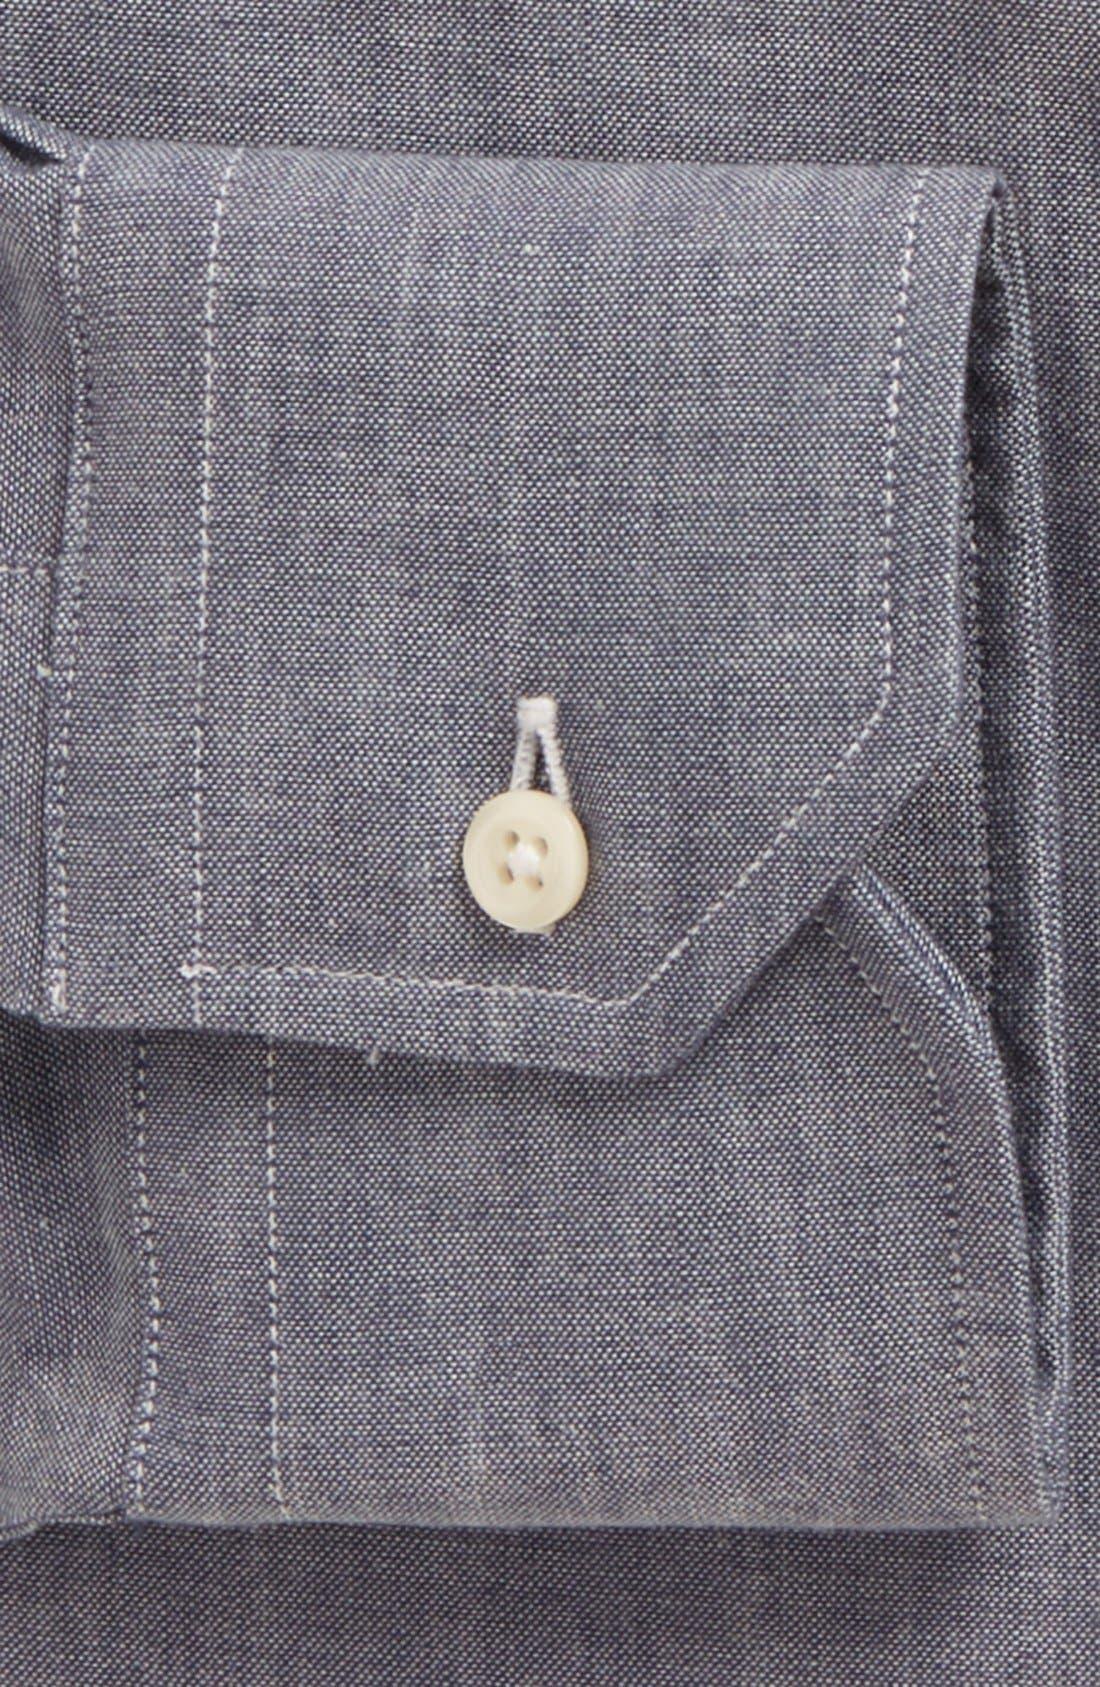 Alternate Image 2  - Gitman Tailored Fit Chambray Dress Shirt